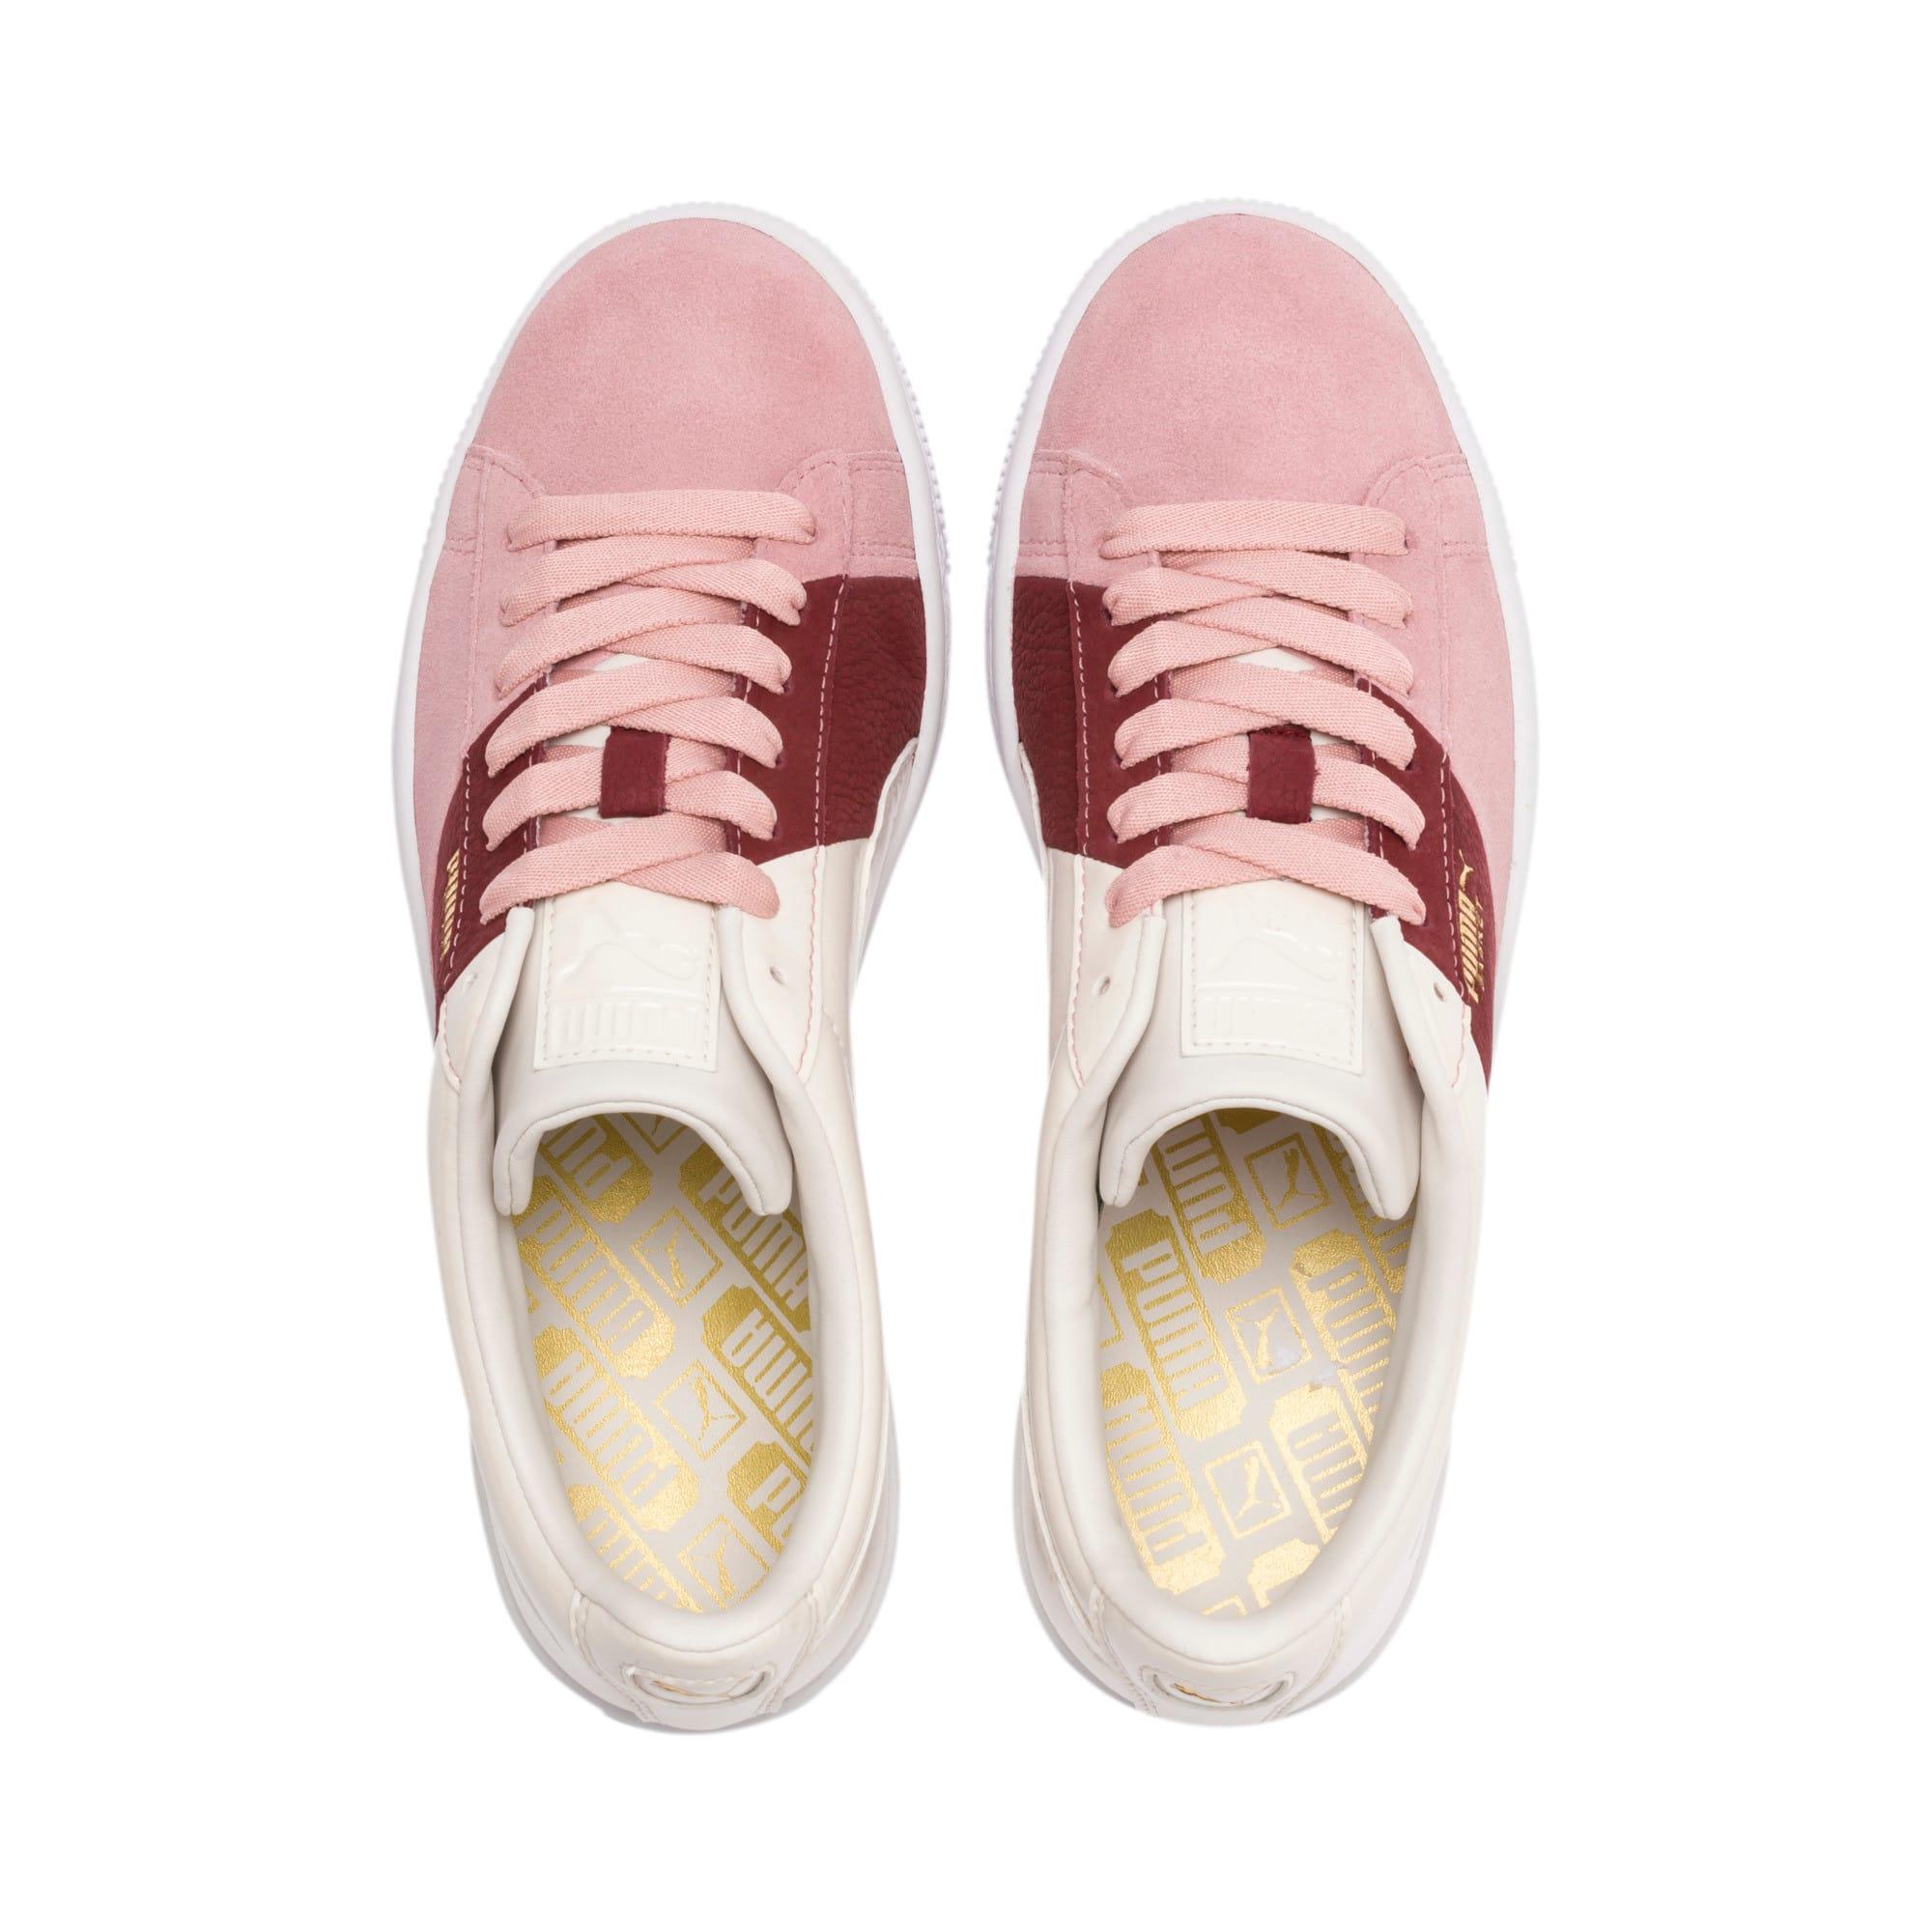 Thumbnail 7 of Basket Remix Women's Sneakers, Bridal Rose-Fired Brick, medium